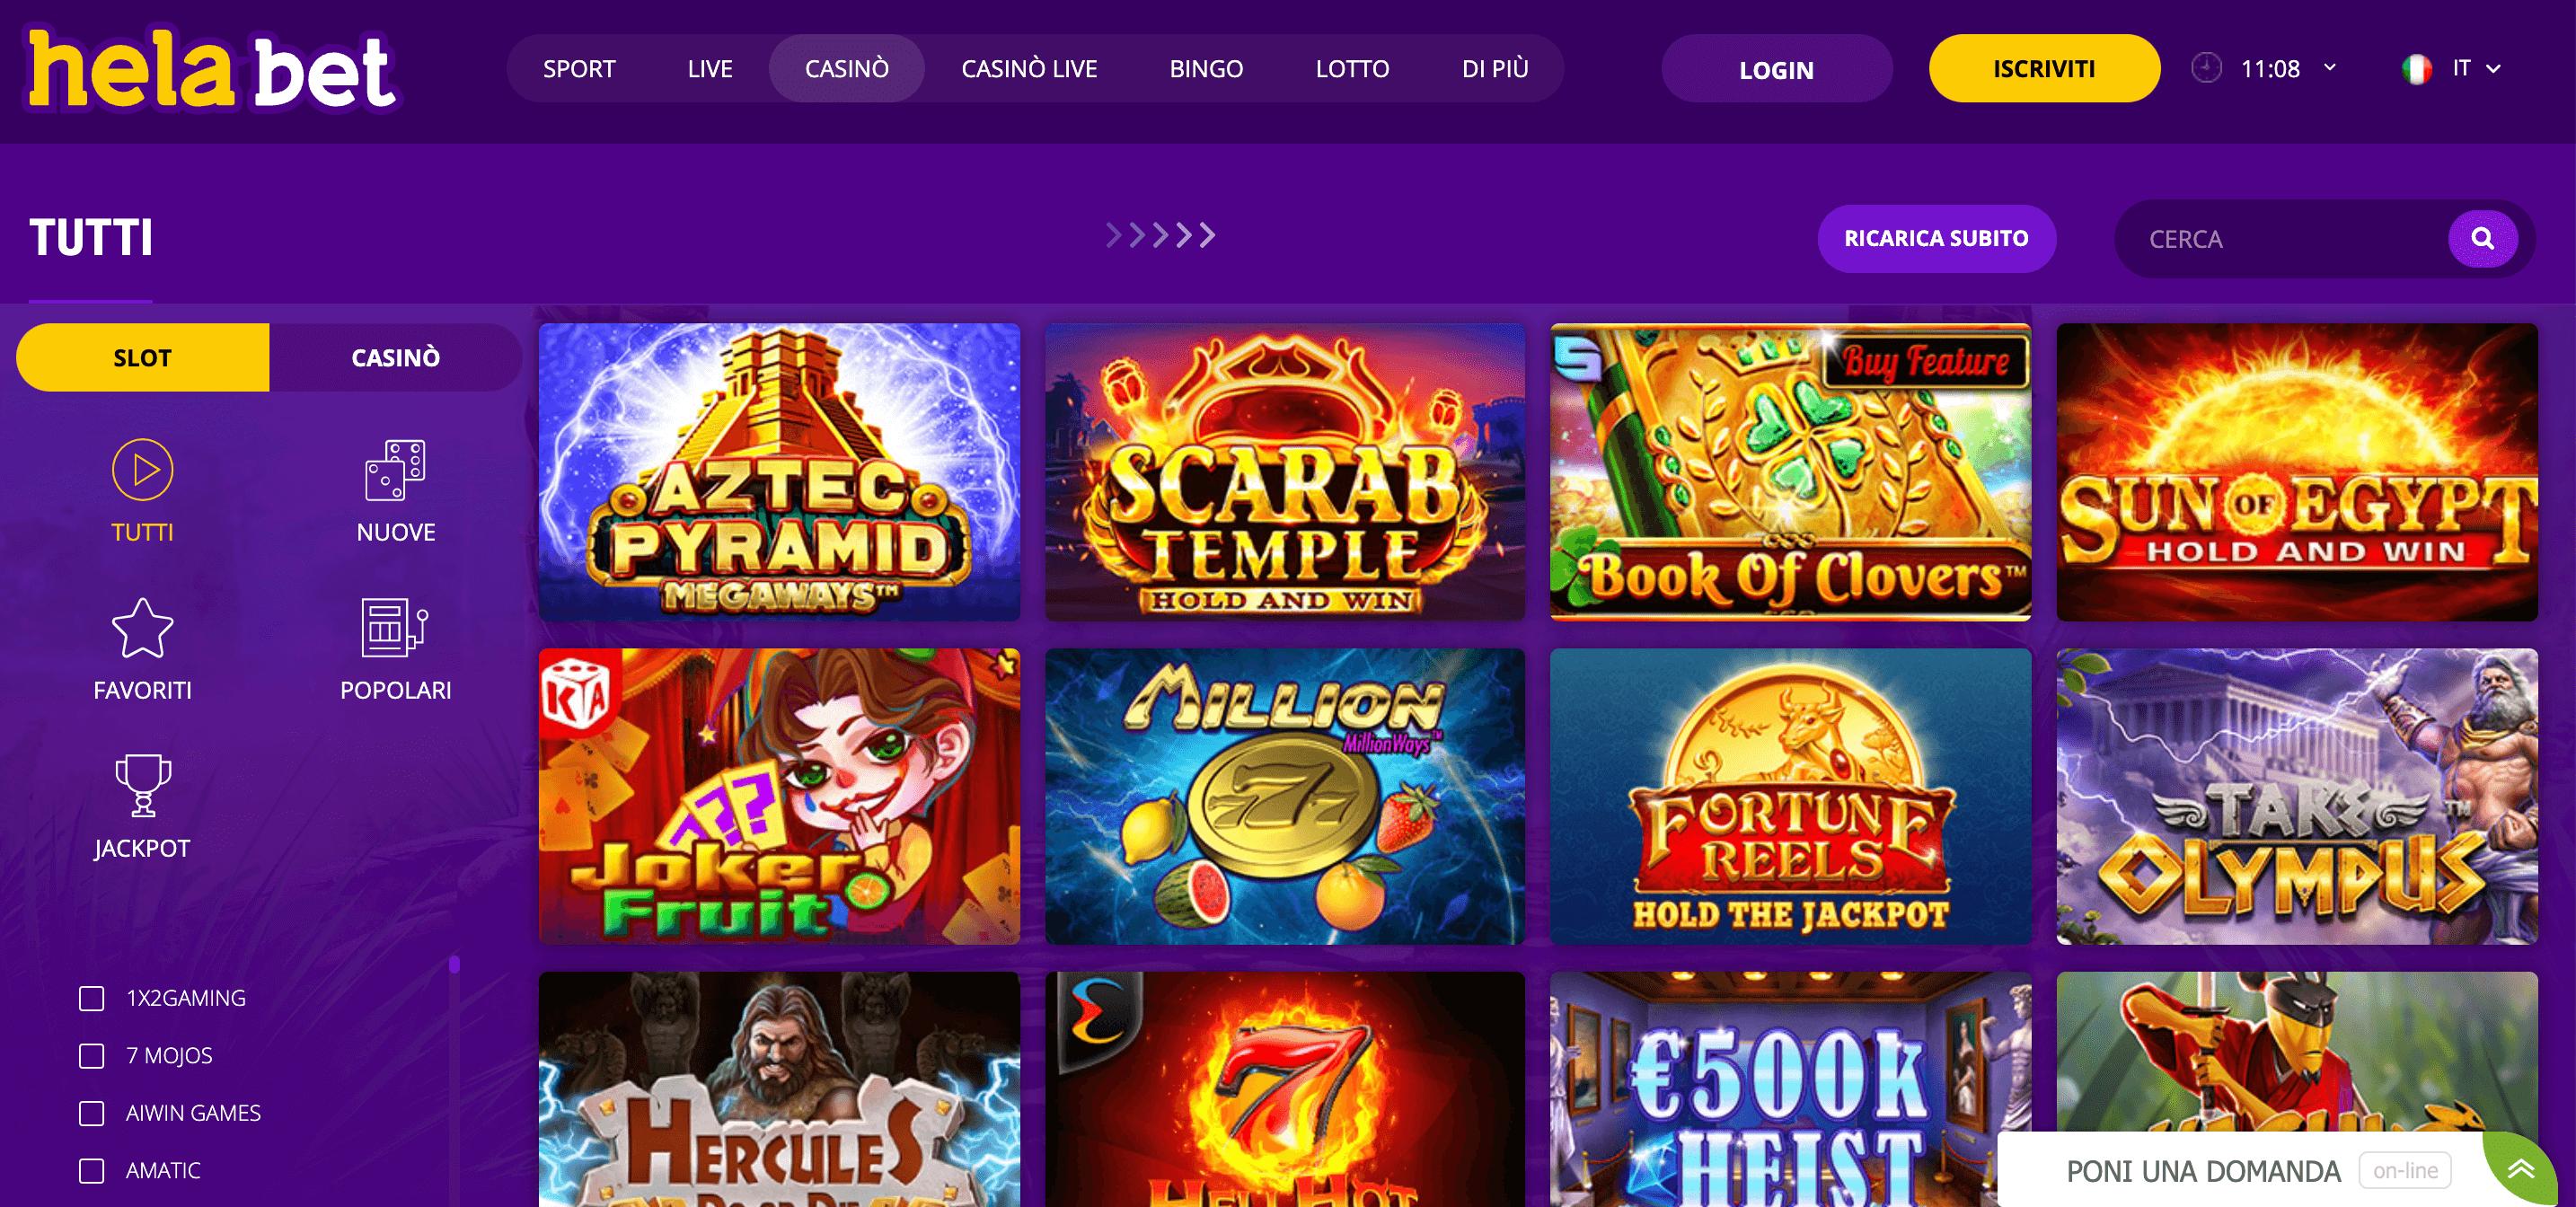 Hela Bet Casino Home